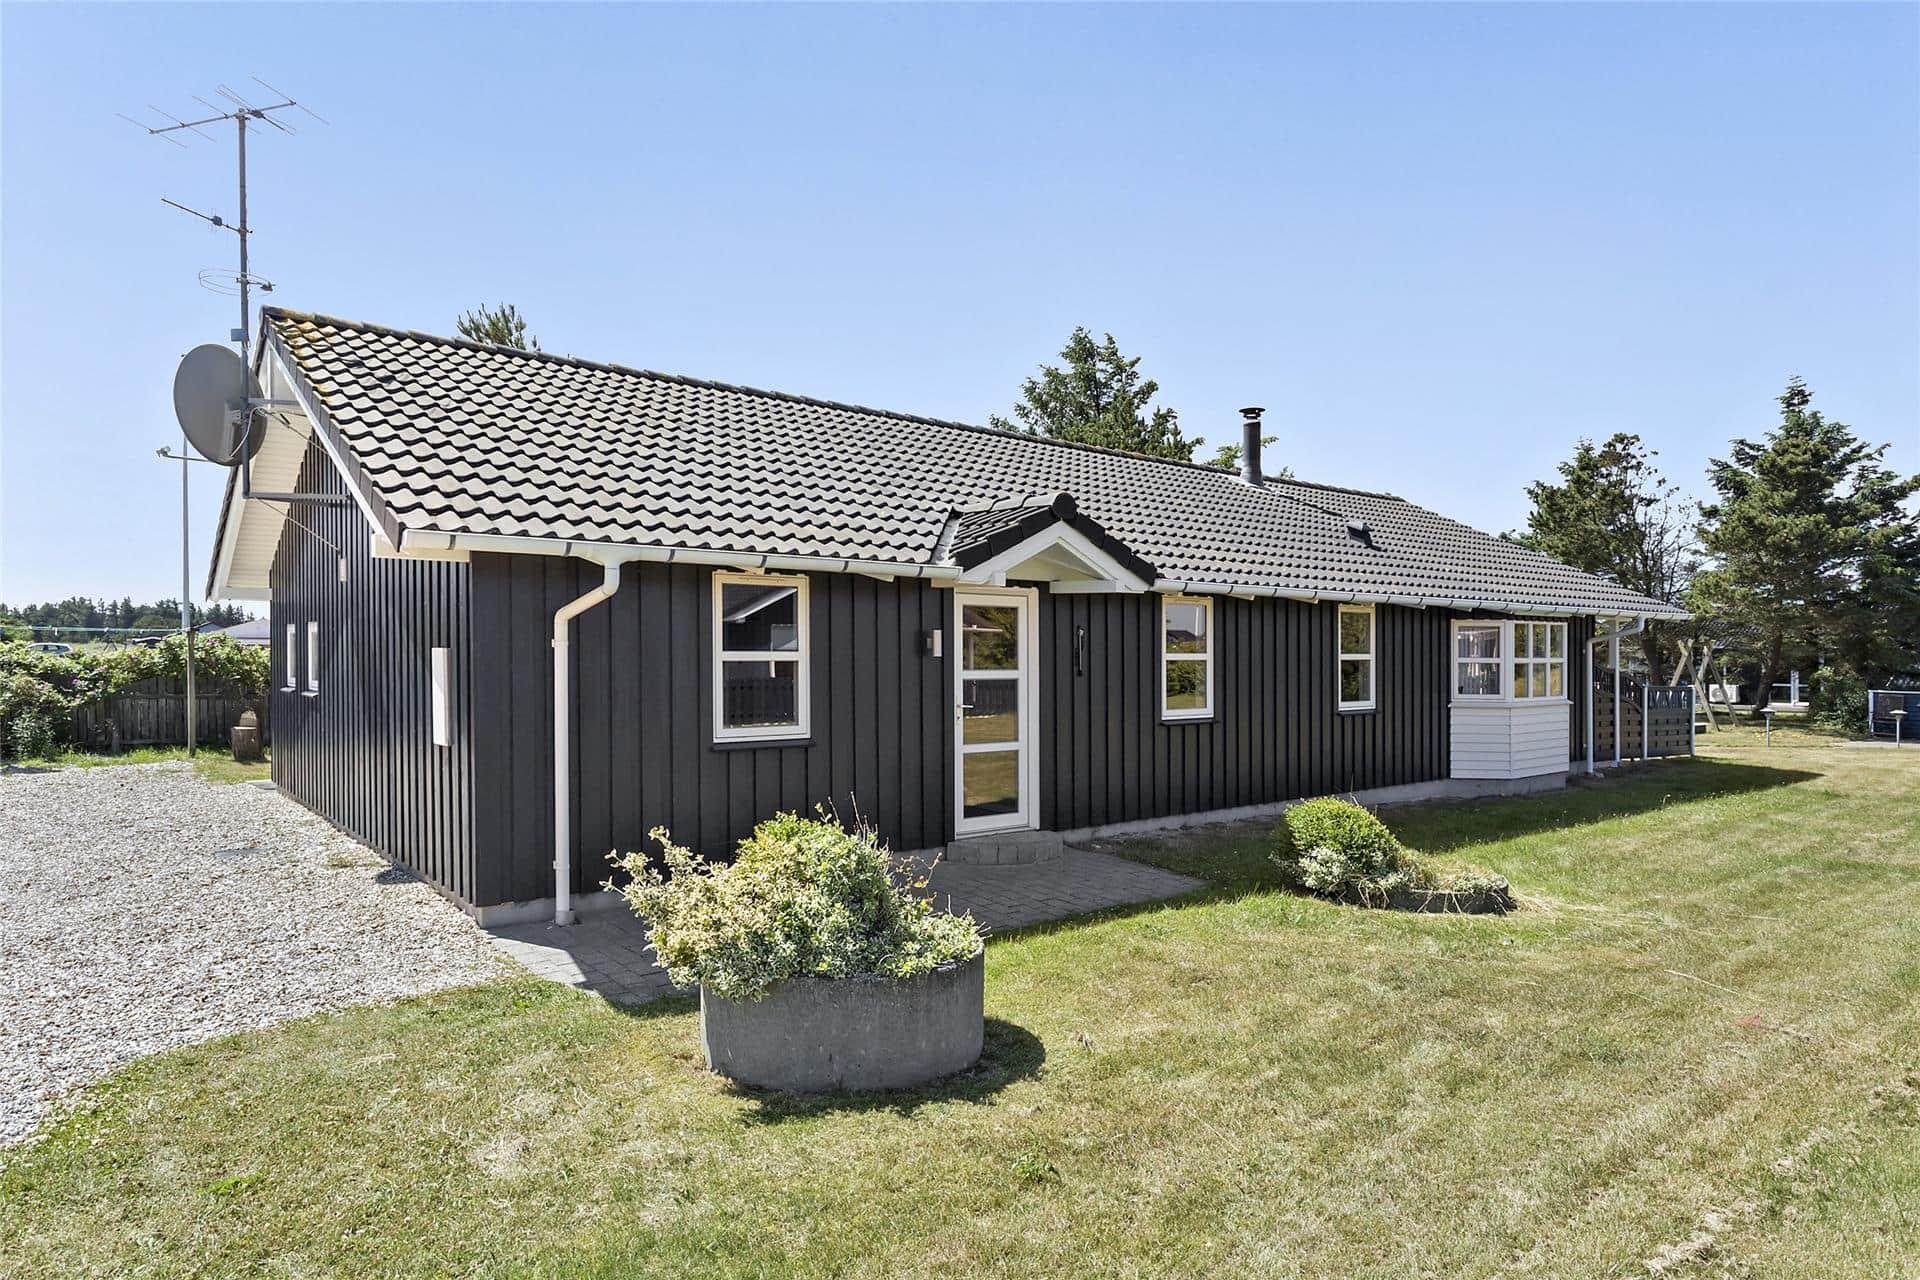 Image 1-13 Holiday-home 506, Nordsøvej 202, DK - 7700 Thisted